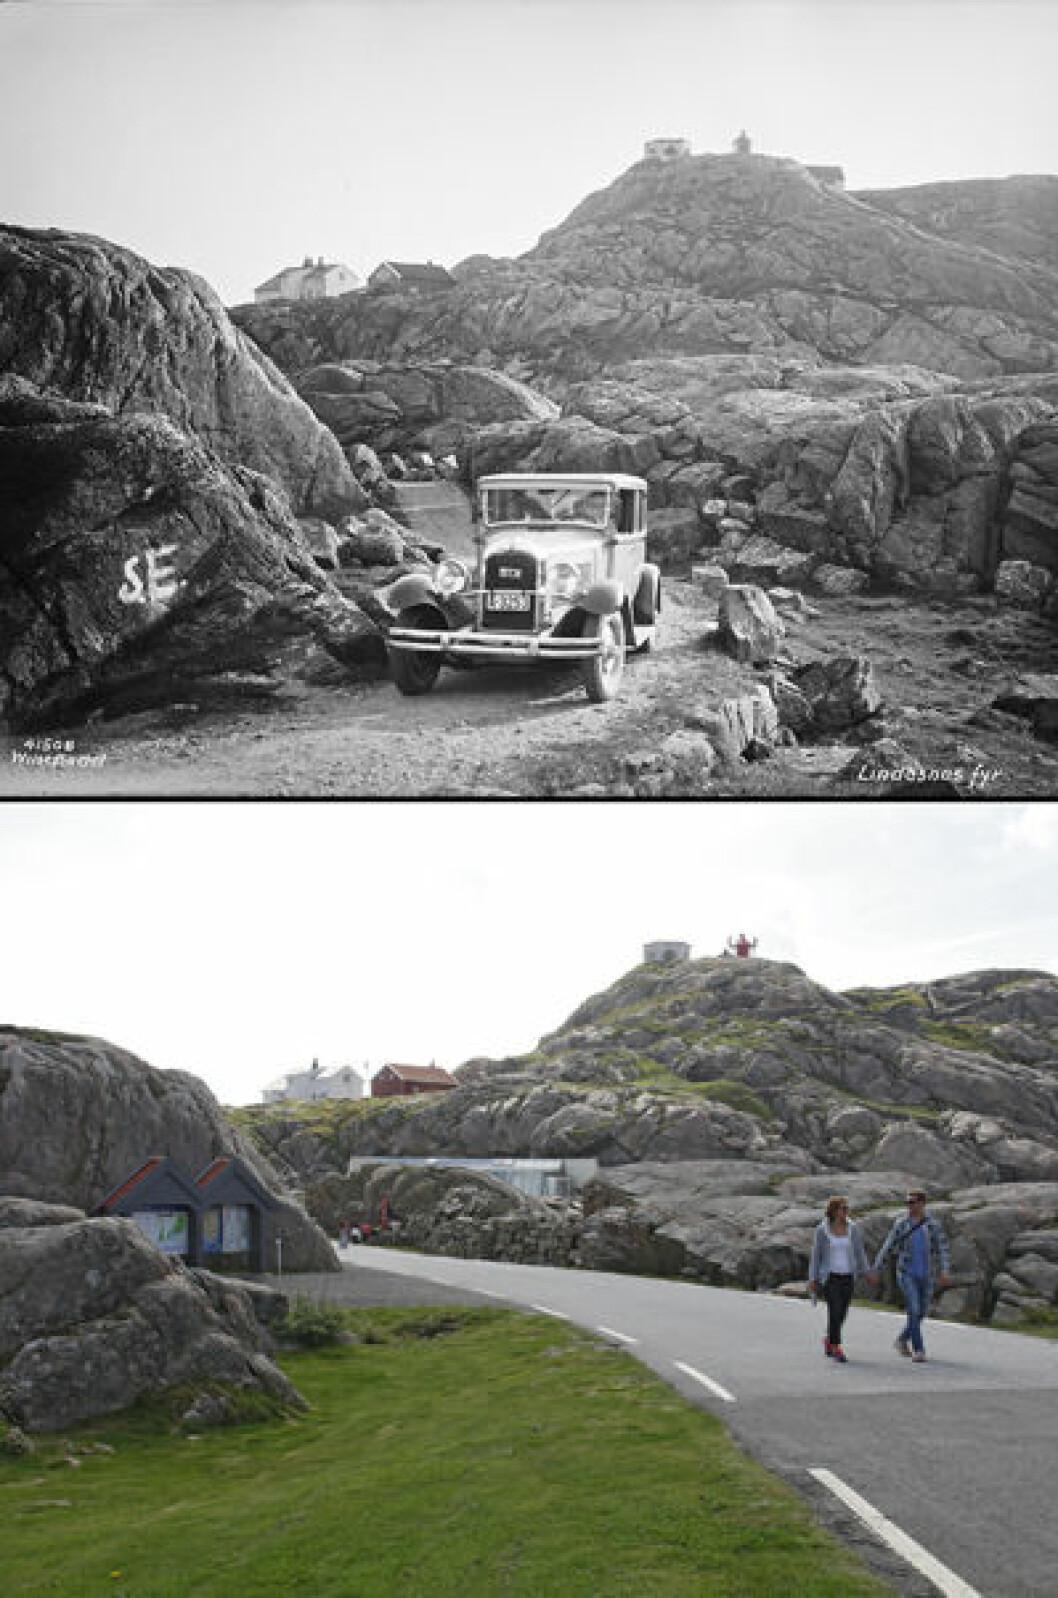 1934 og 2015: Lindesnes, Vest-Agder. Foto: Anders Beer Wilse/Oscar Puschmann